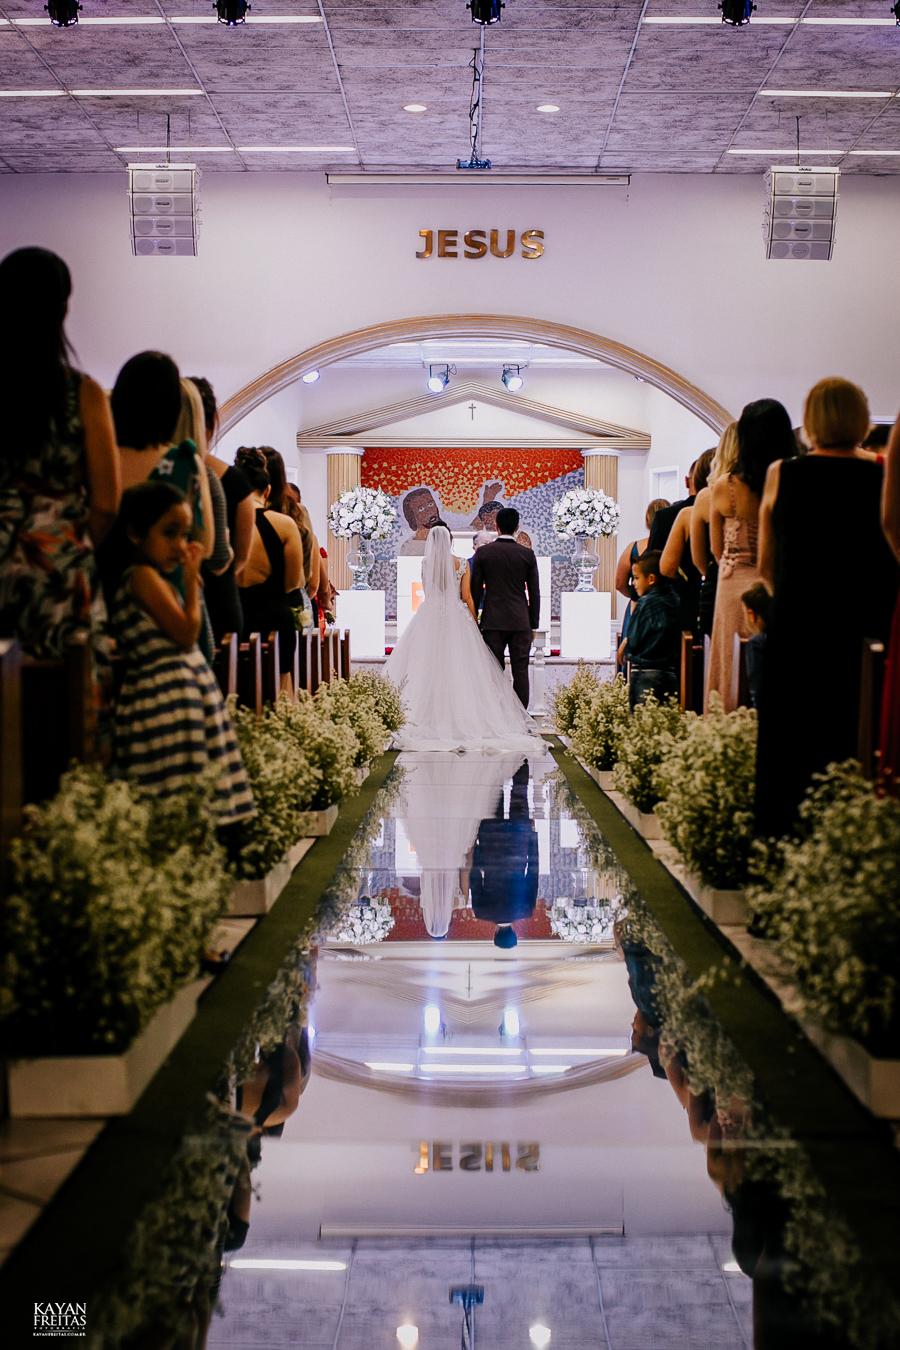 luiza-jean-casamento-0050 Casamento Luiza e Jean - Lira Tênis Clube Florianópolis